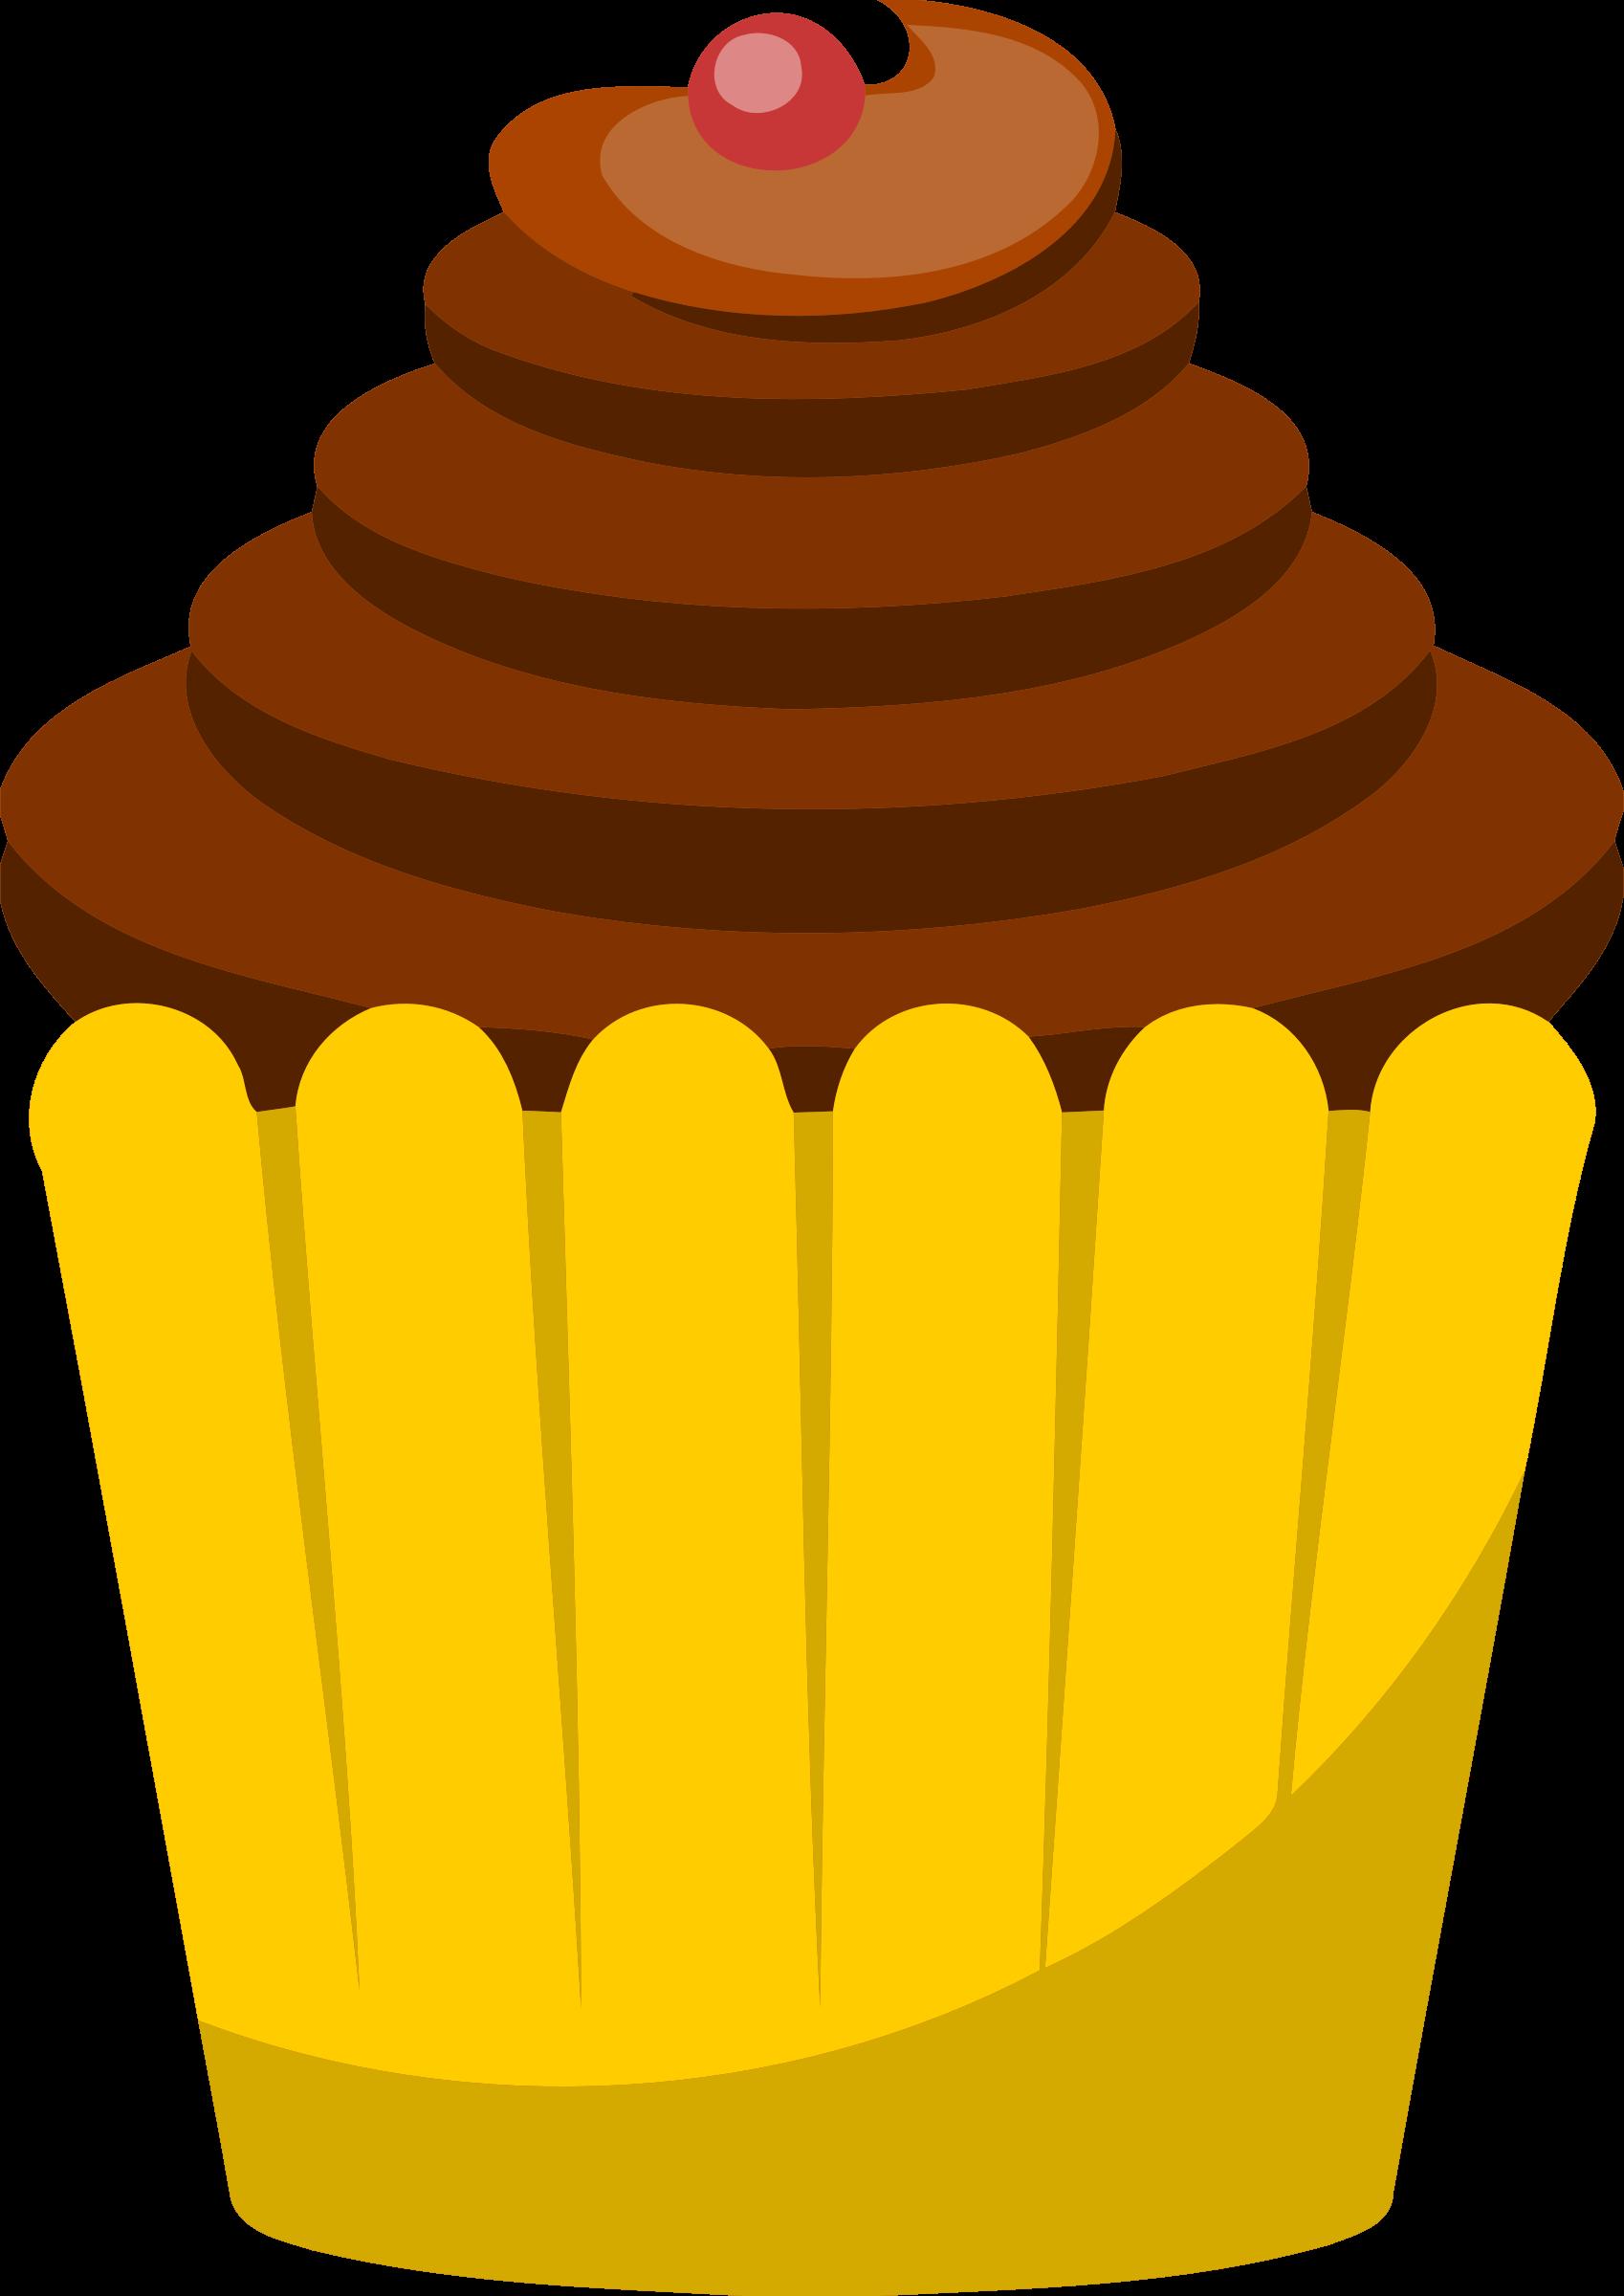 Dessert clipart cake. Big image png